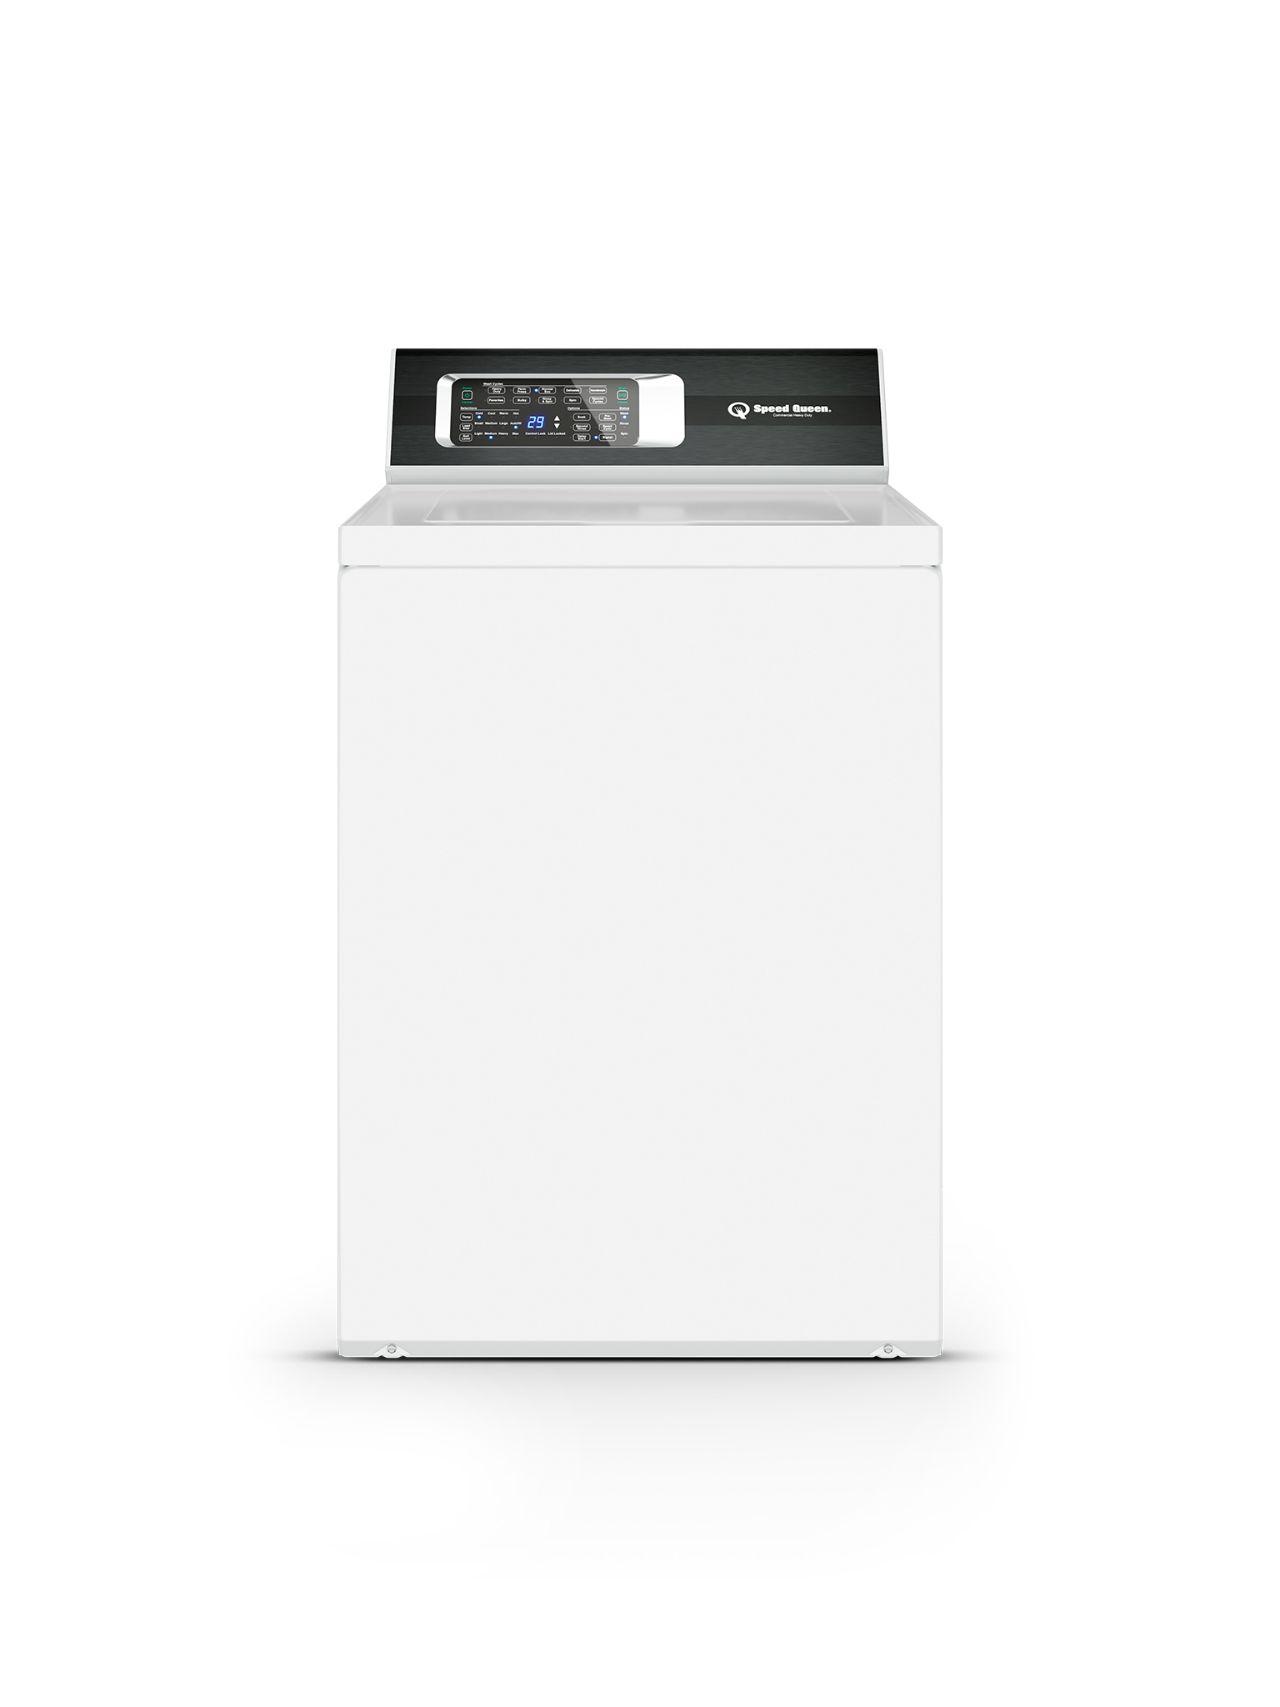 Speed Queen TR7 Washing Machine | CJ Appliances